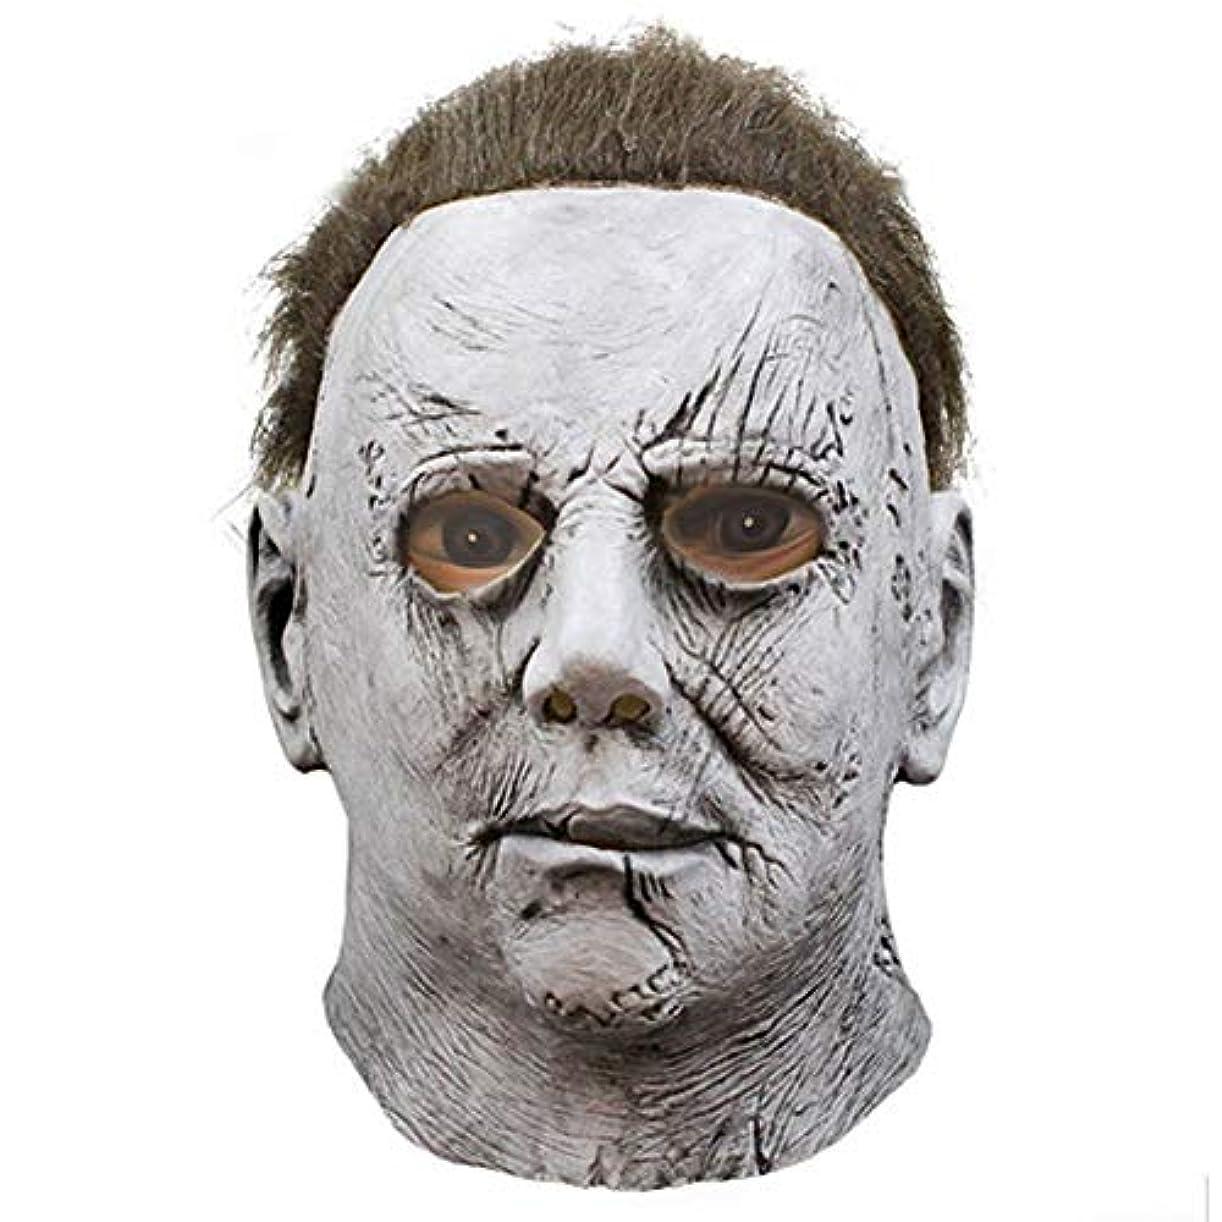 パン滑りやすい陸軍ハロウィーンマスク、顔をしかめるラテックスマスク、ハロウィーン、テーマパーティー、カーニバル、レイブパーティー、バー、小道具、映画。